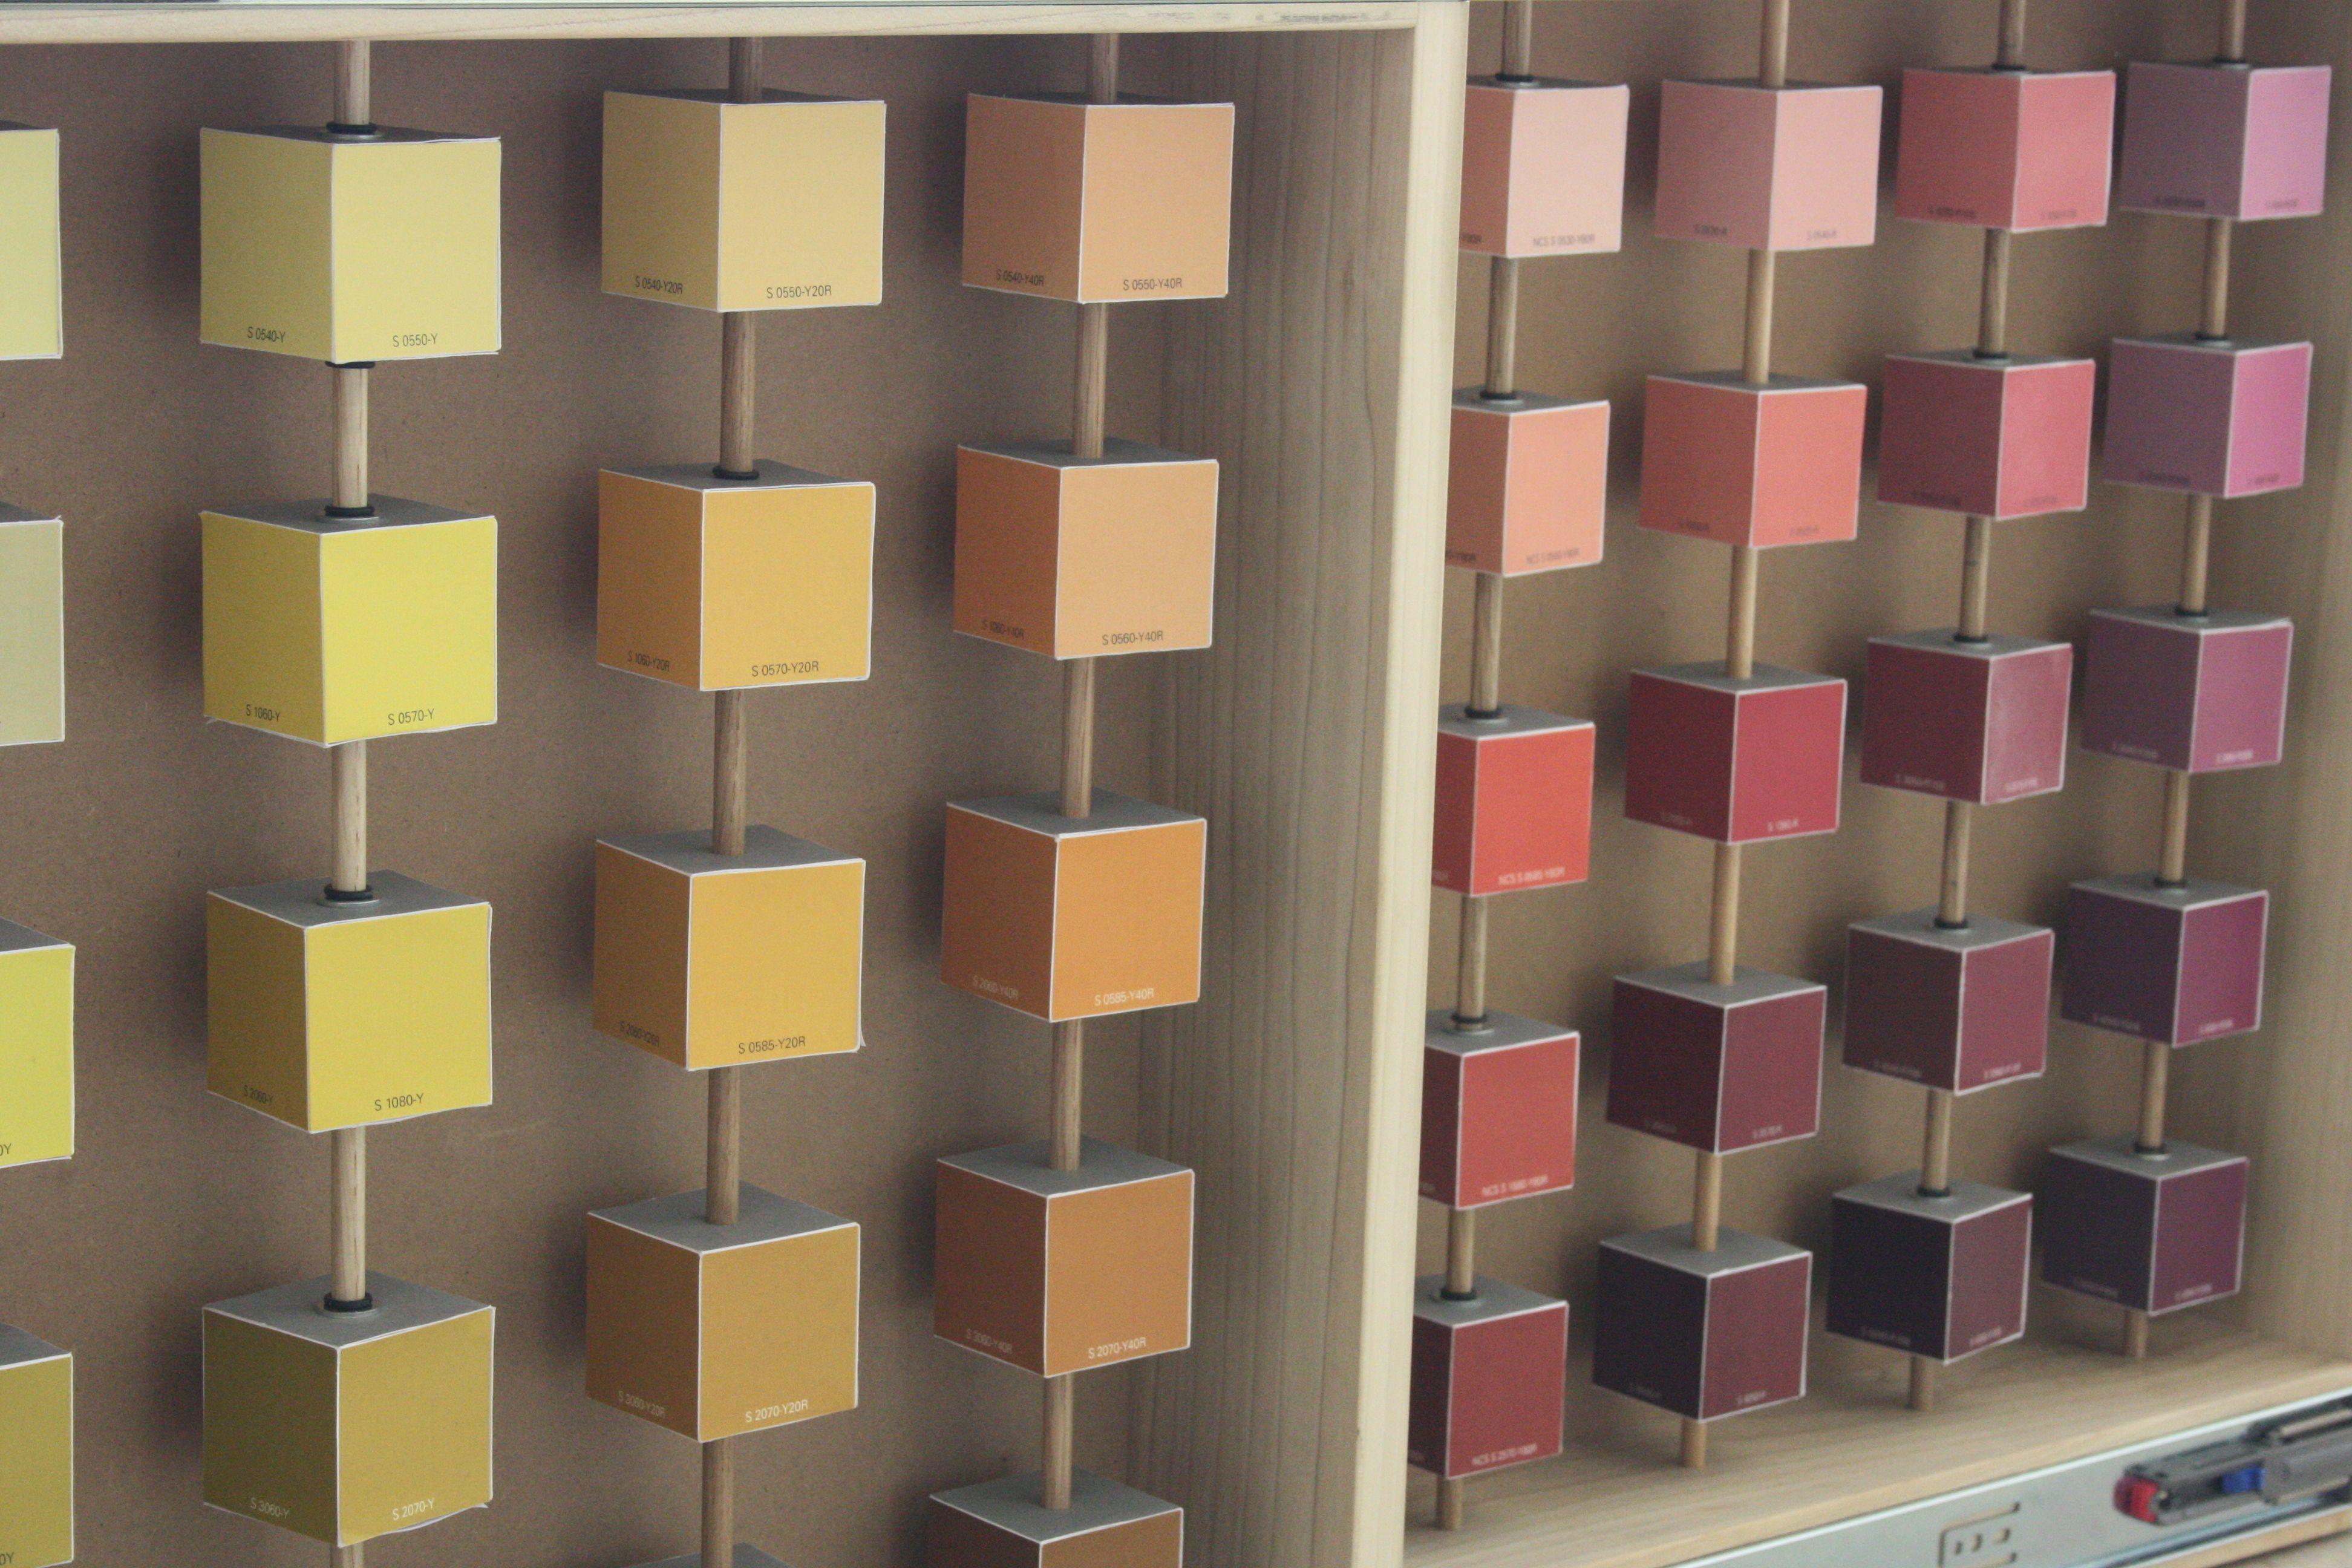 Parete Di Legno Cruciverba : Modello interno: cubetti colorati. la rosa covema cubik florio